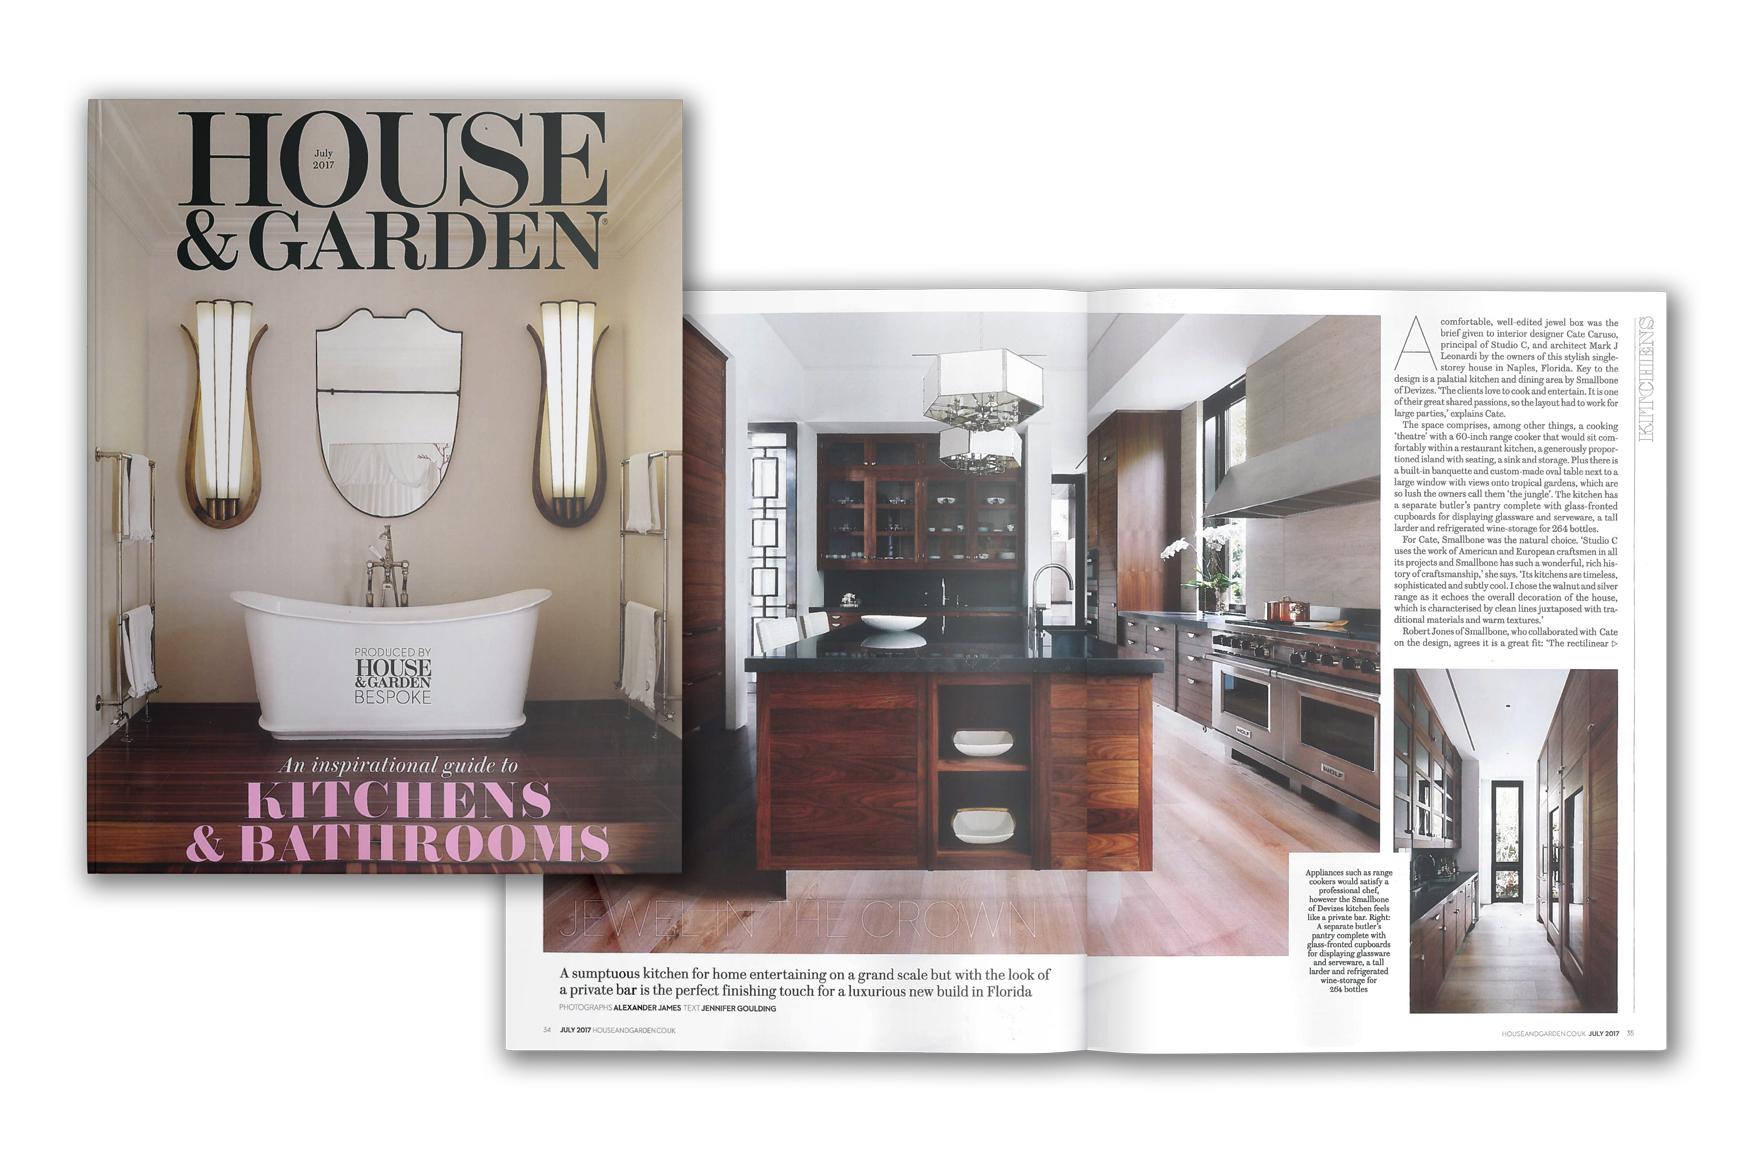 House-&-Garden-kitchen-&-bathrooms.jpg